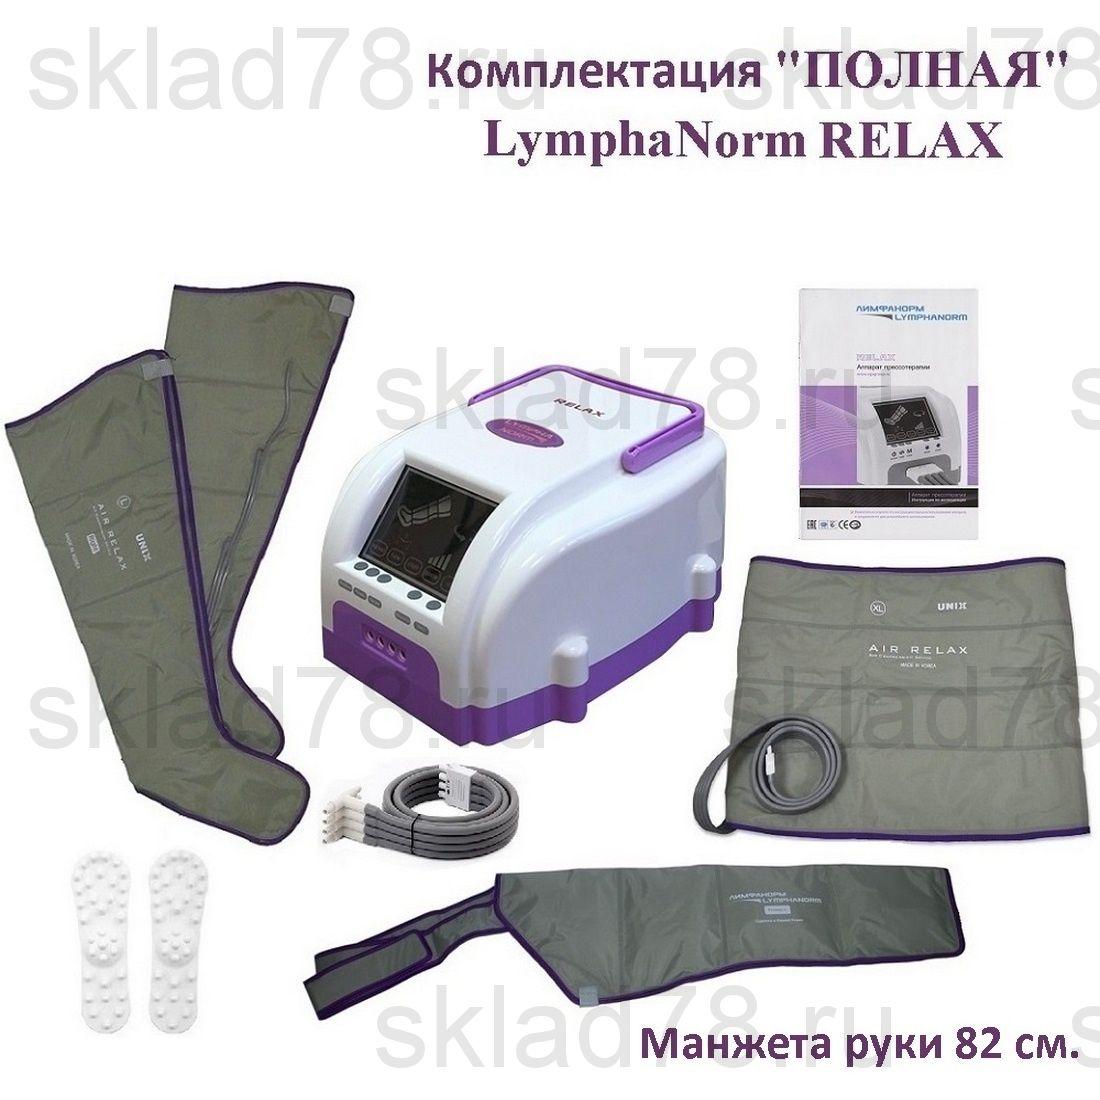 """LymphaNorm RELAX Лимфодренаж """"Полный"""" (рука 82 см.)"""